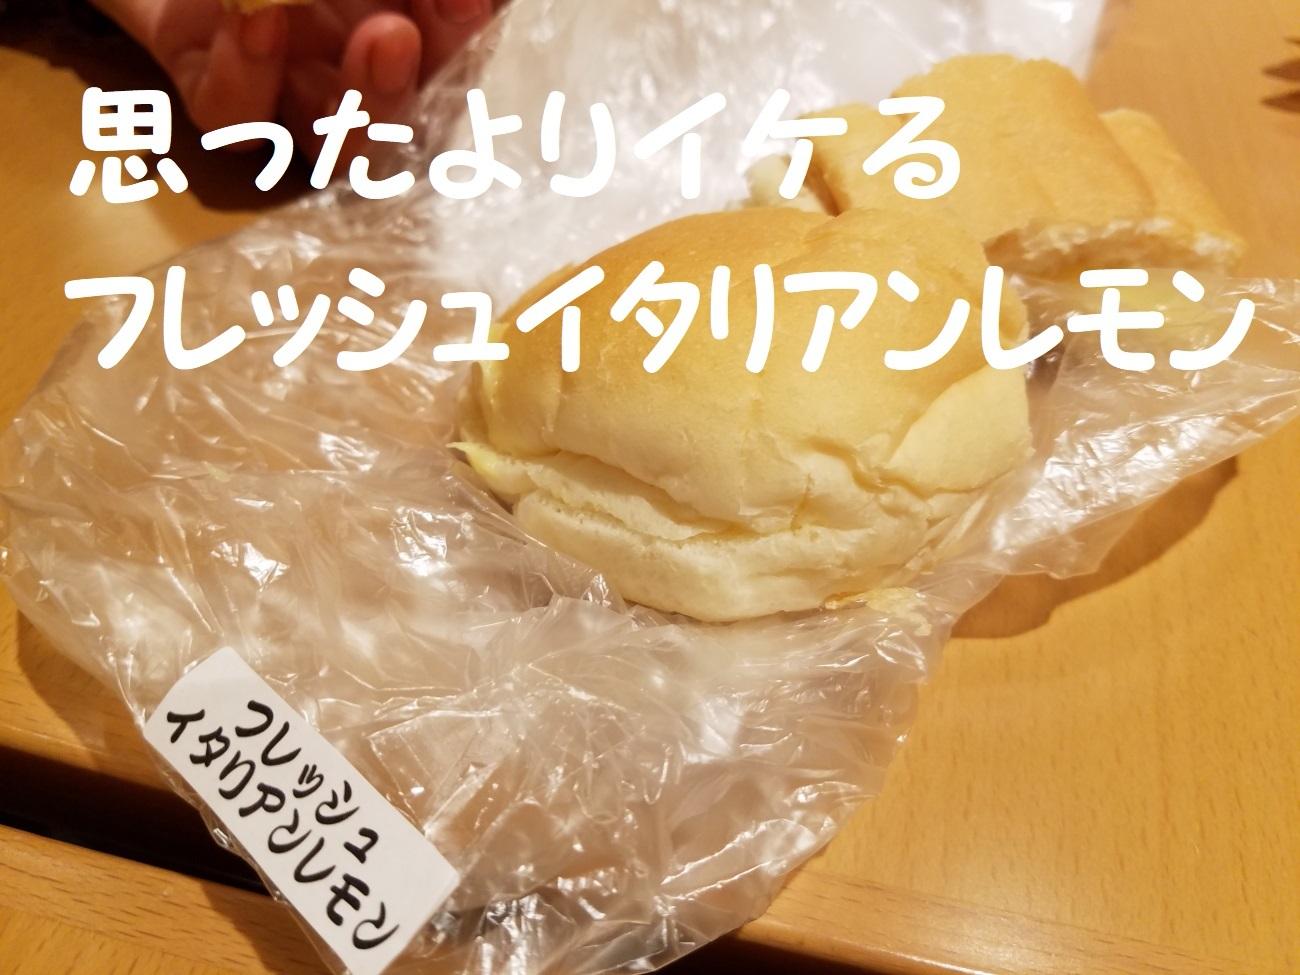 20170814_083929.jpg